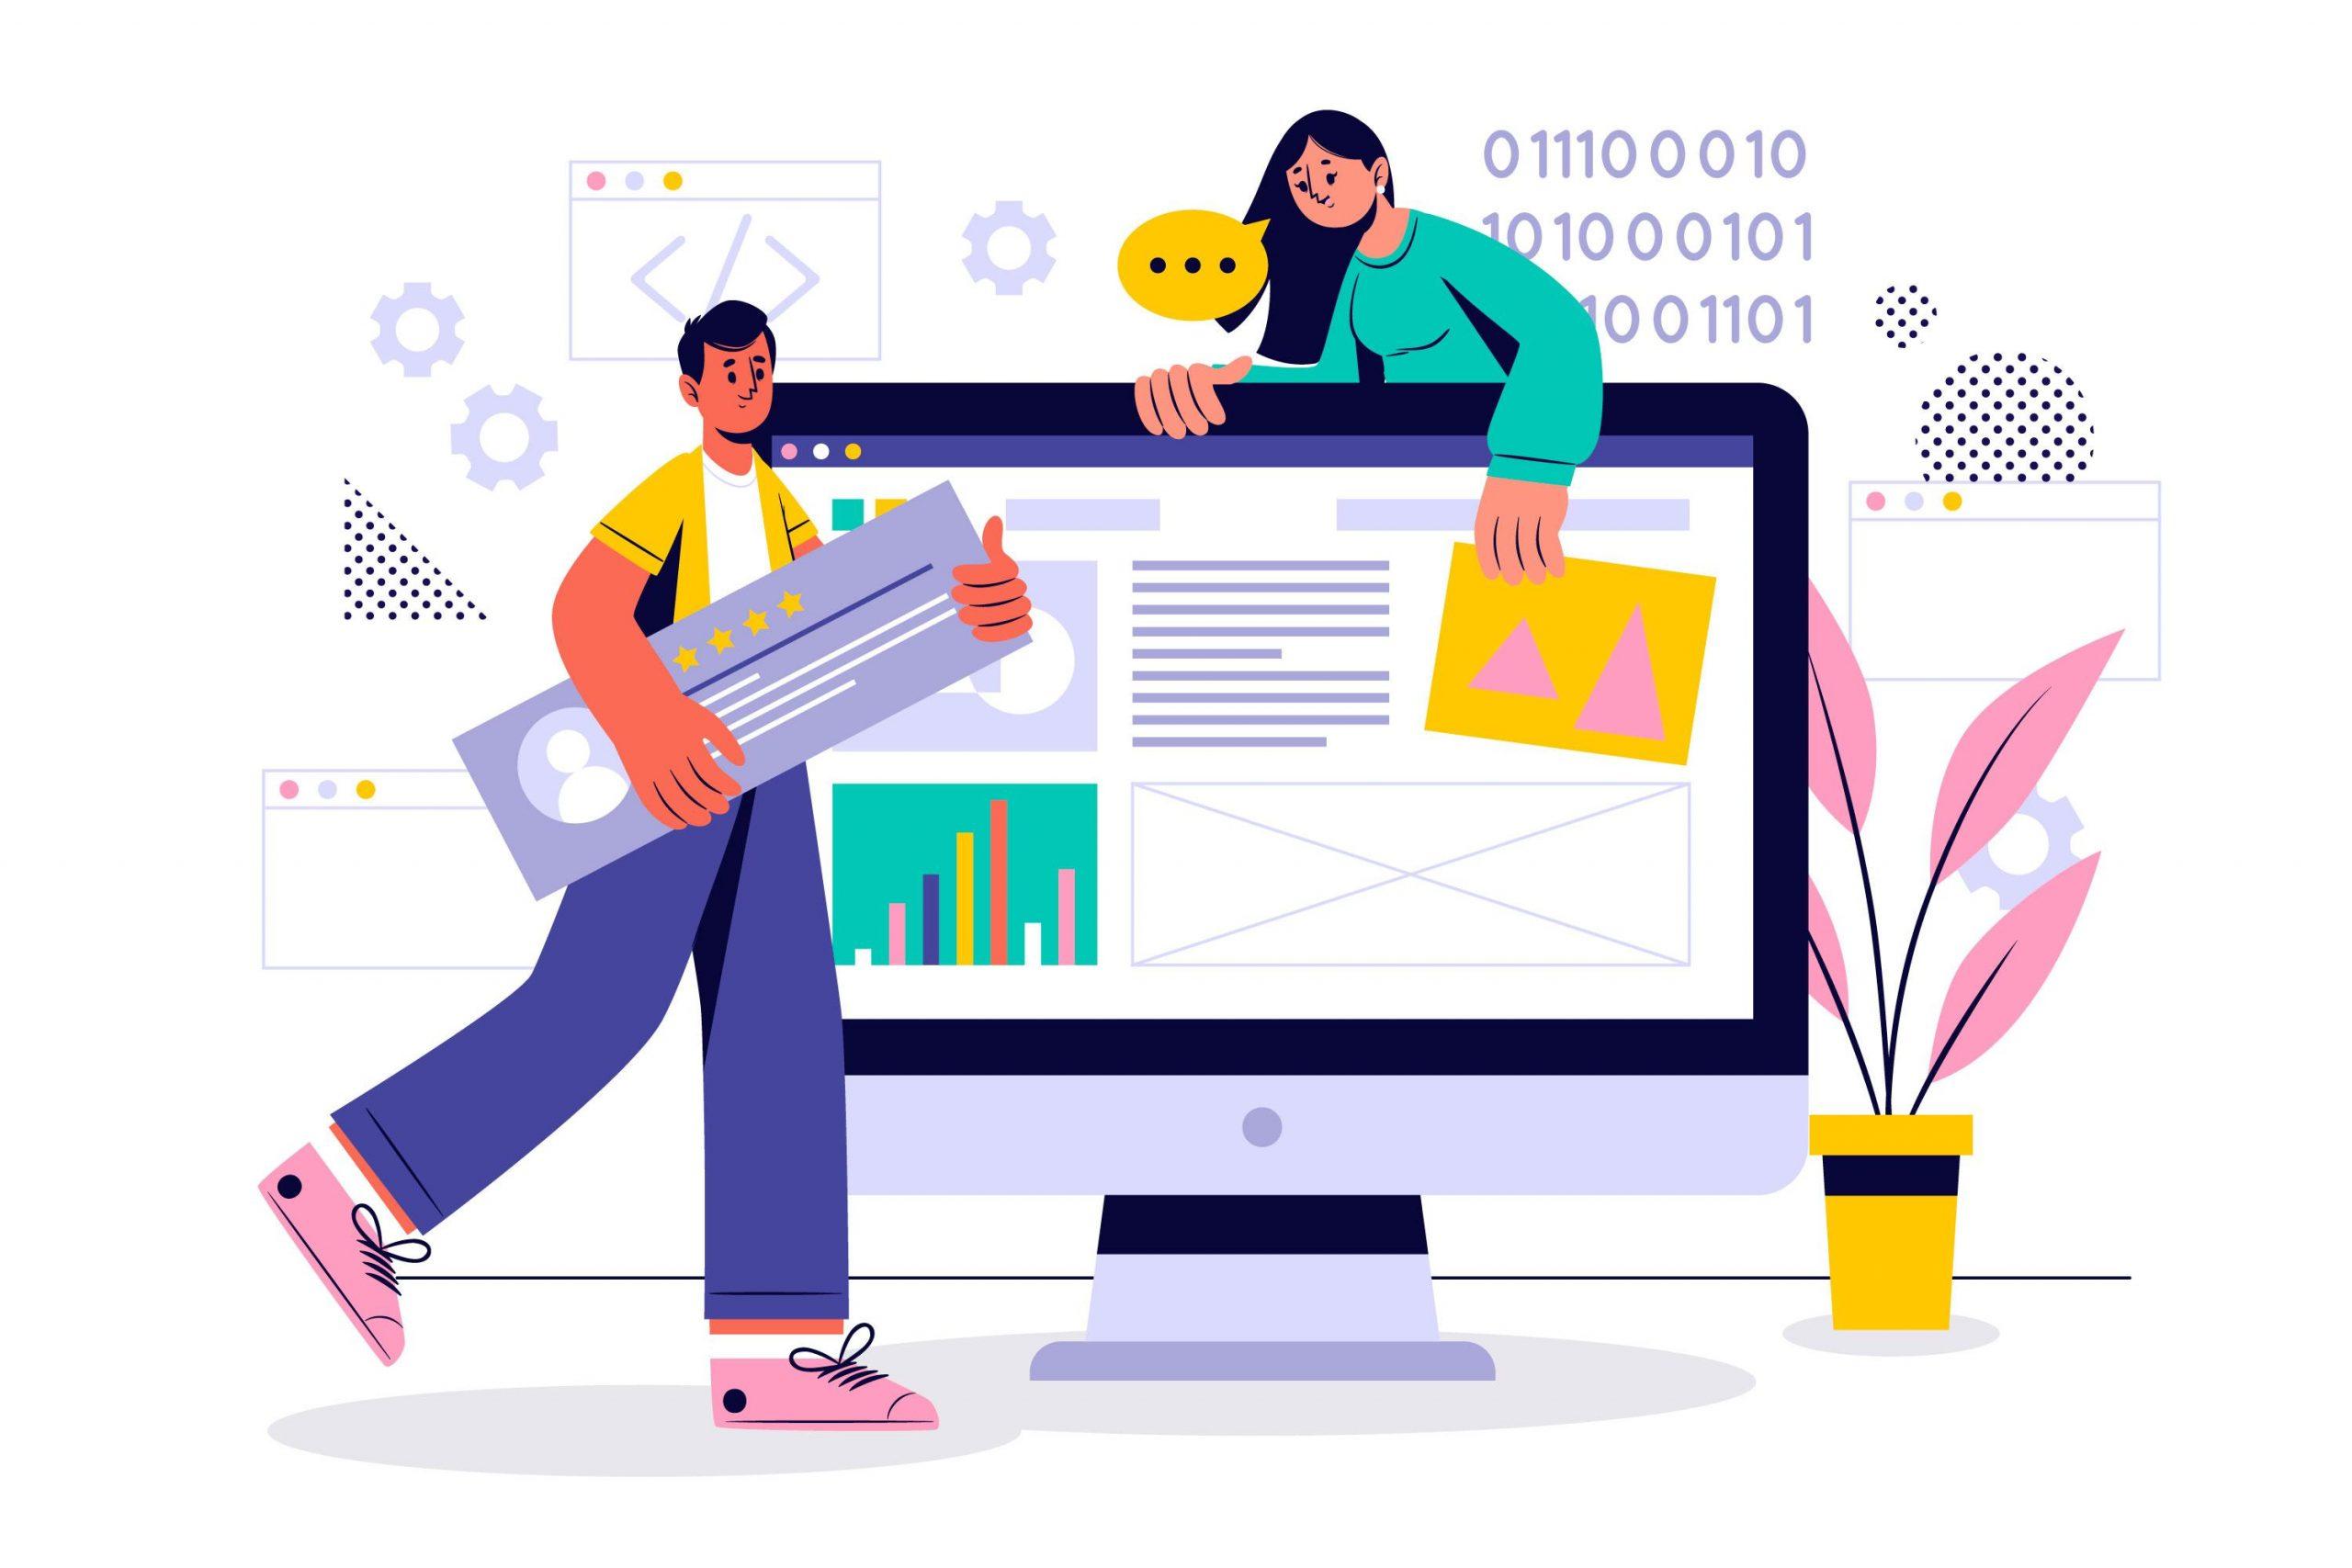 crea tu página web en 5 pasos